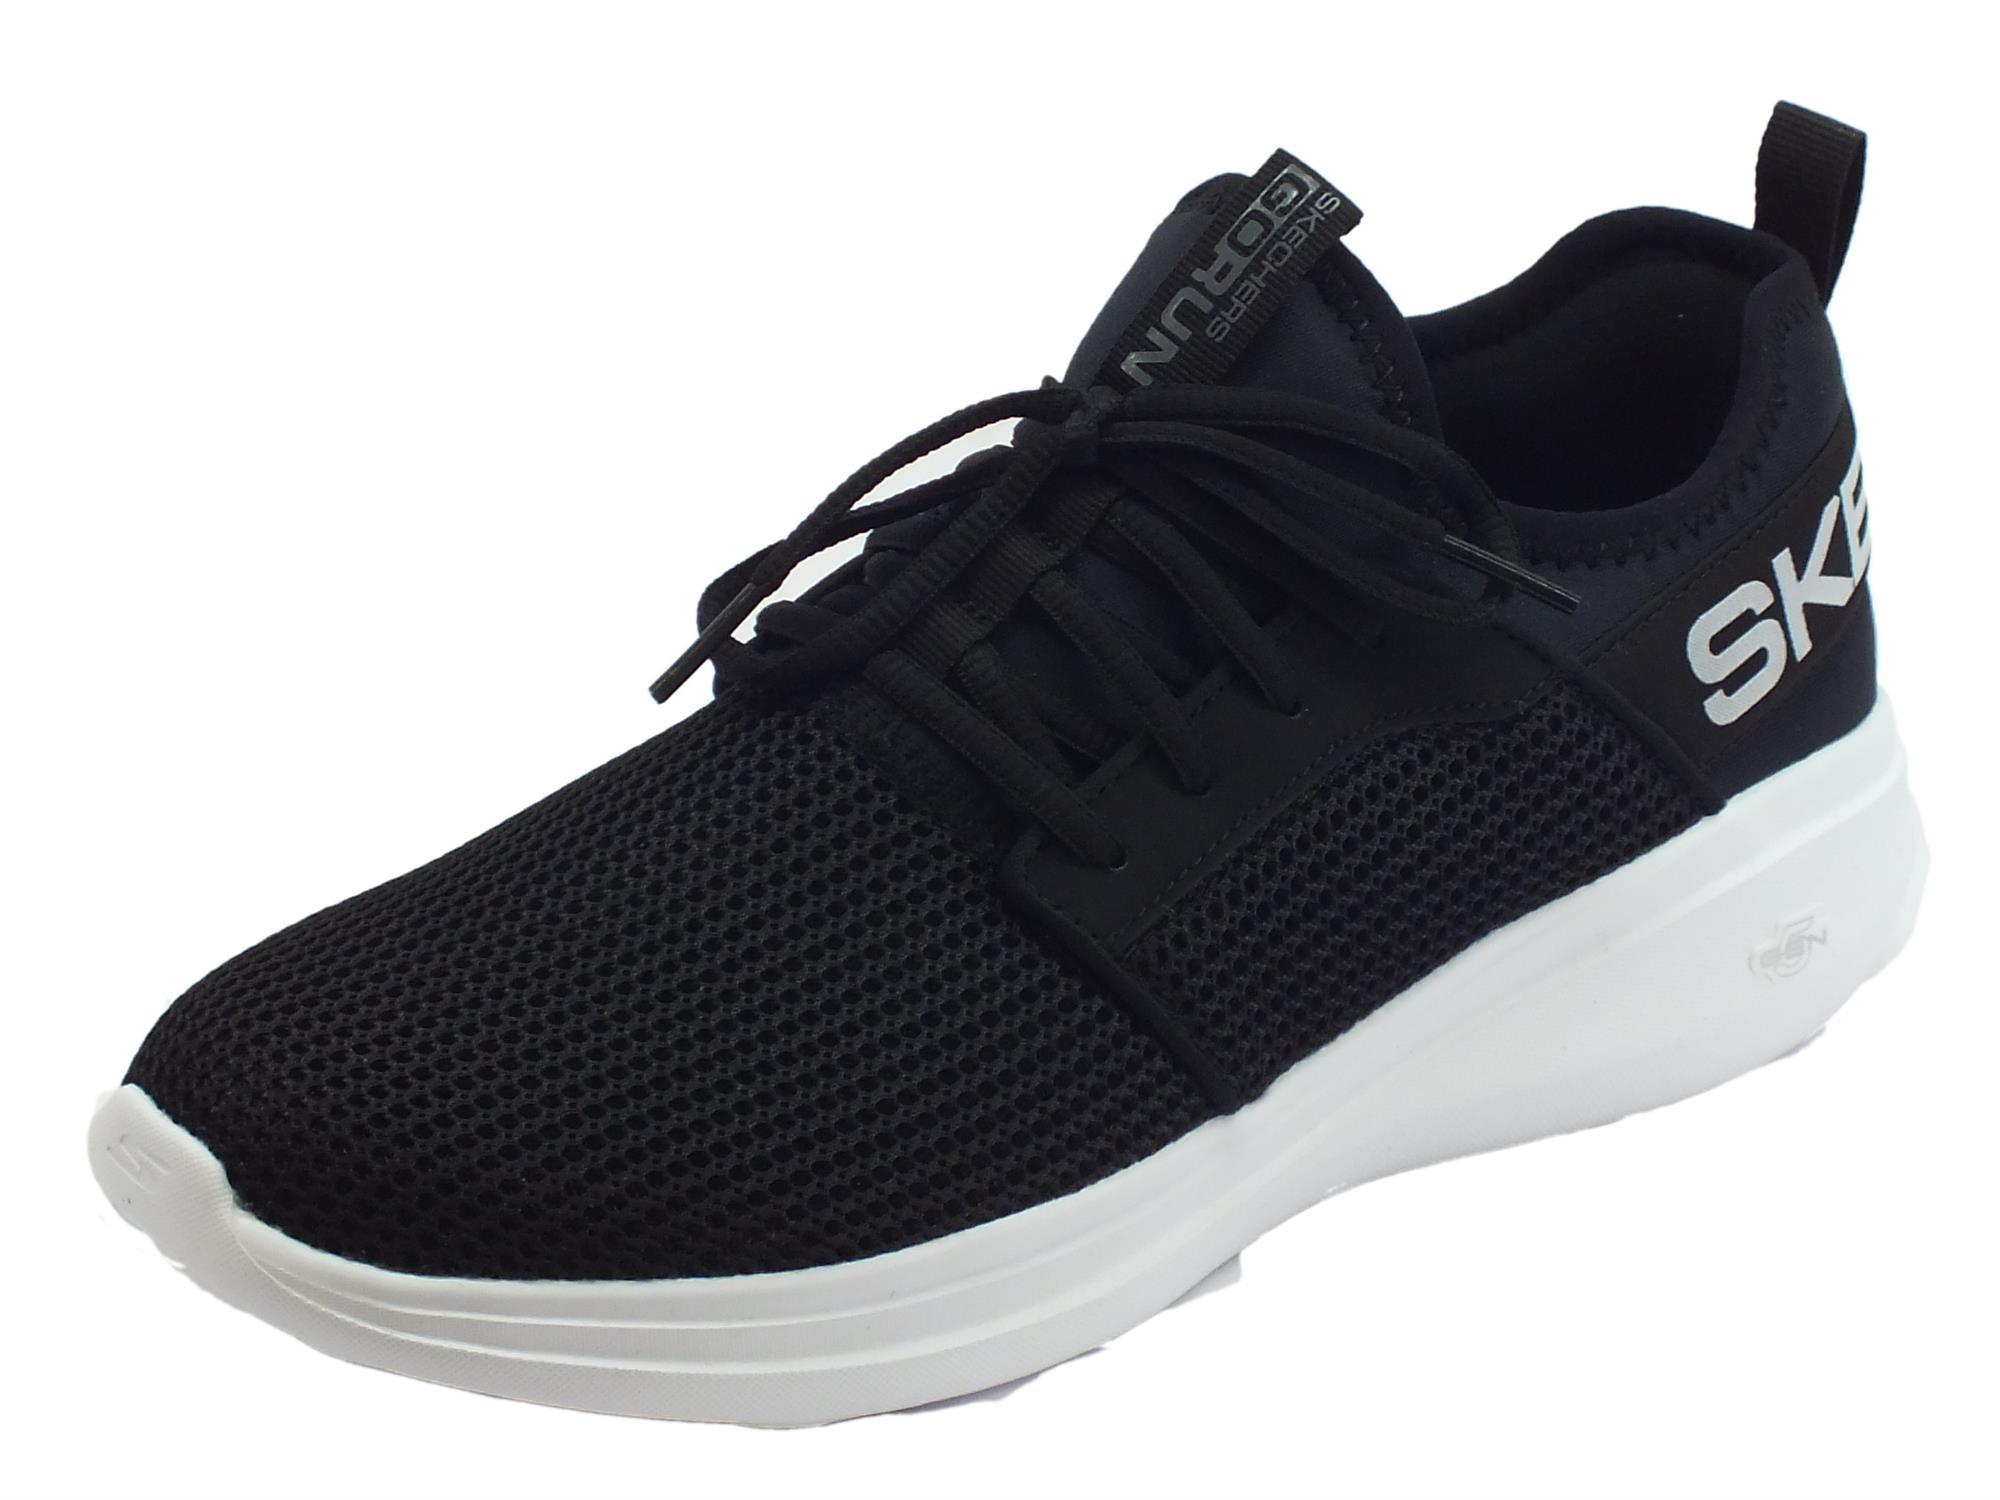 nuovo concetto 87ef9 864da Skechers Go Run Fast Valor scarpe sportive uomo tessuto nero